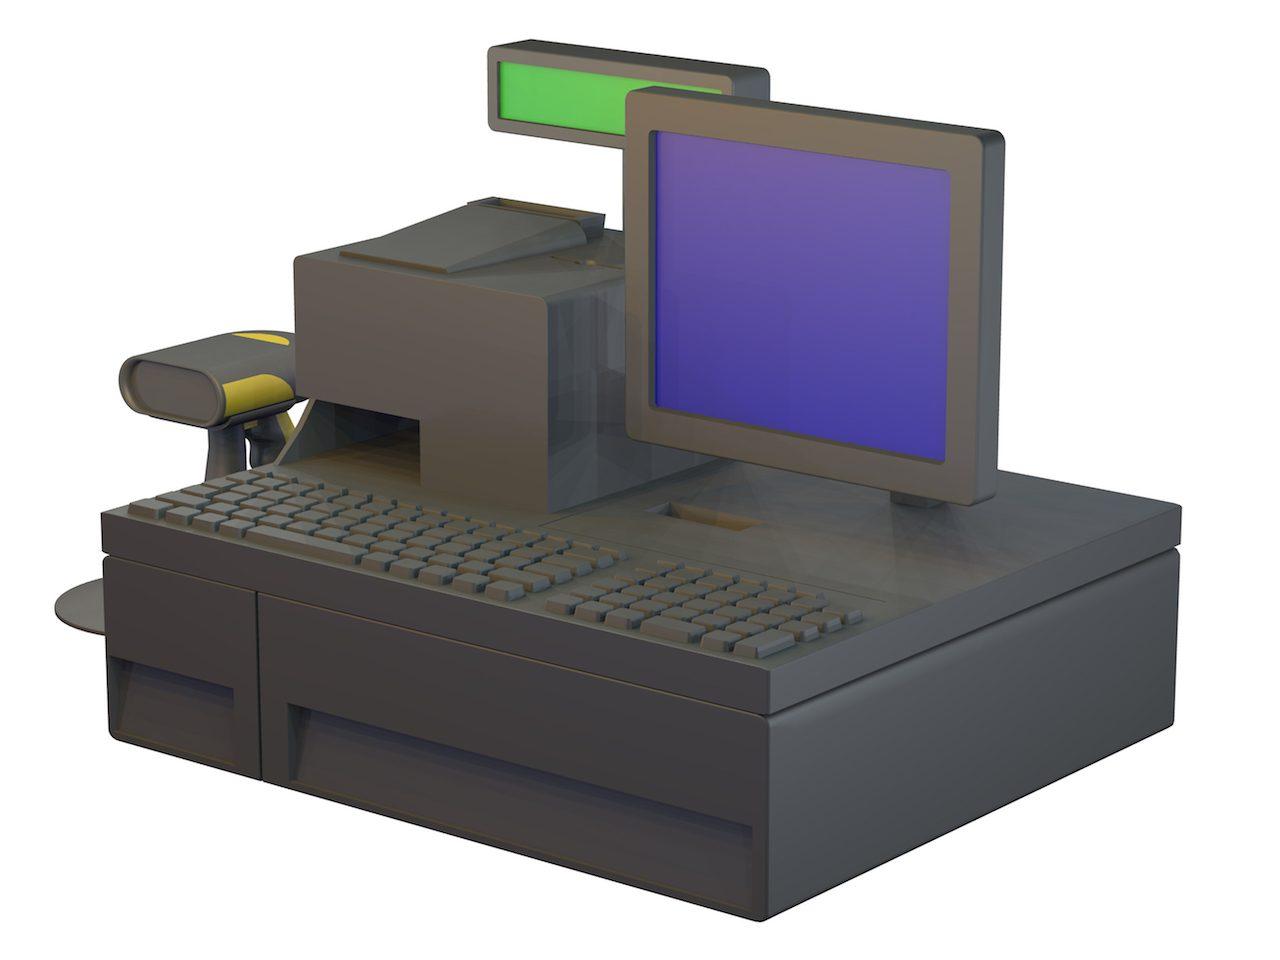 レンタルDVDショップのセルフレジ、使ったことありますか??